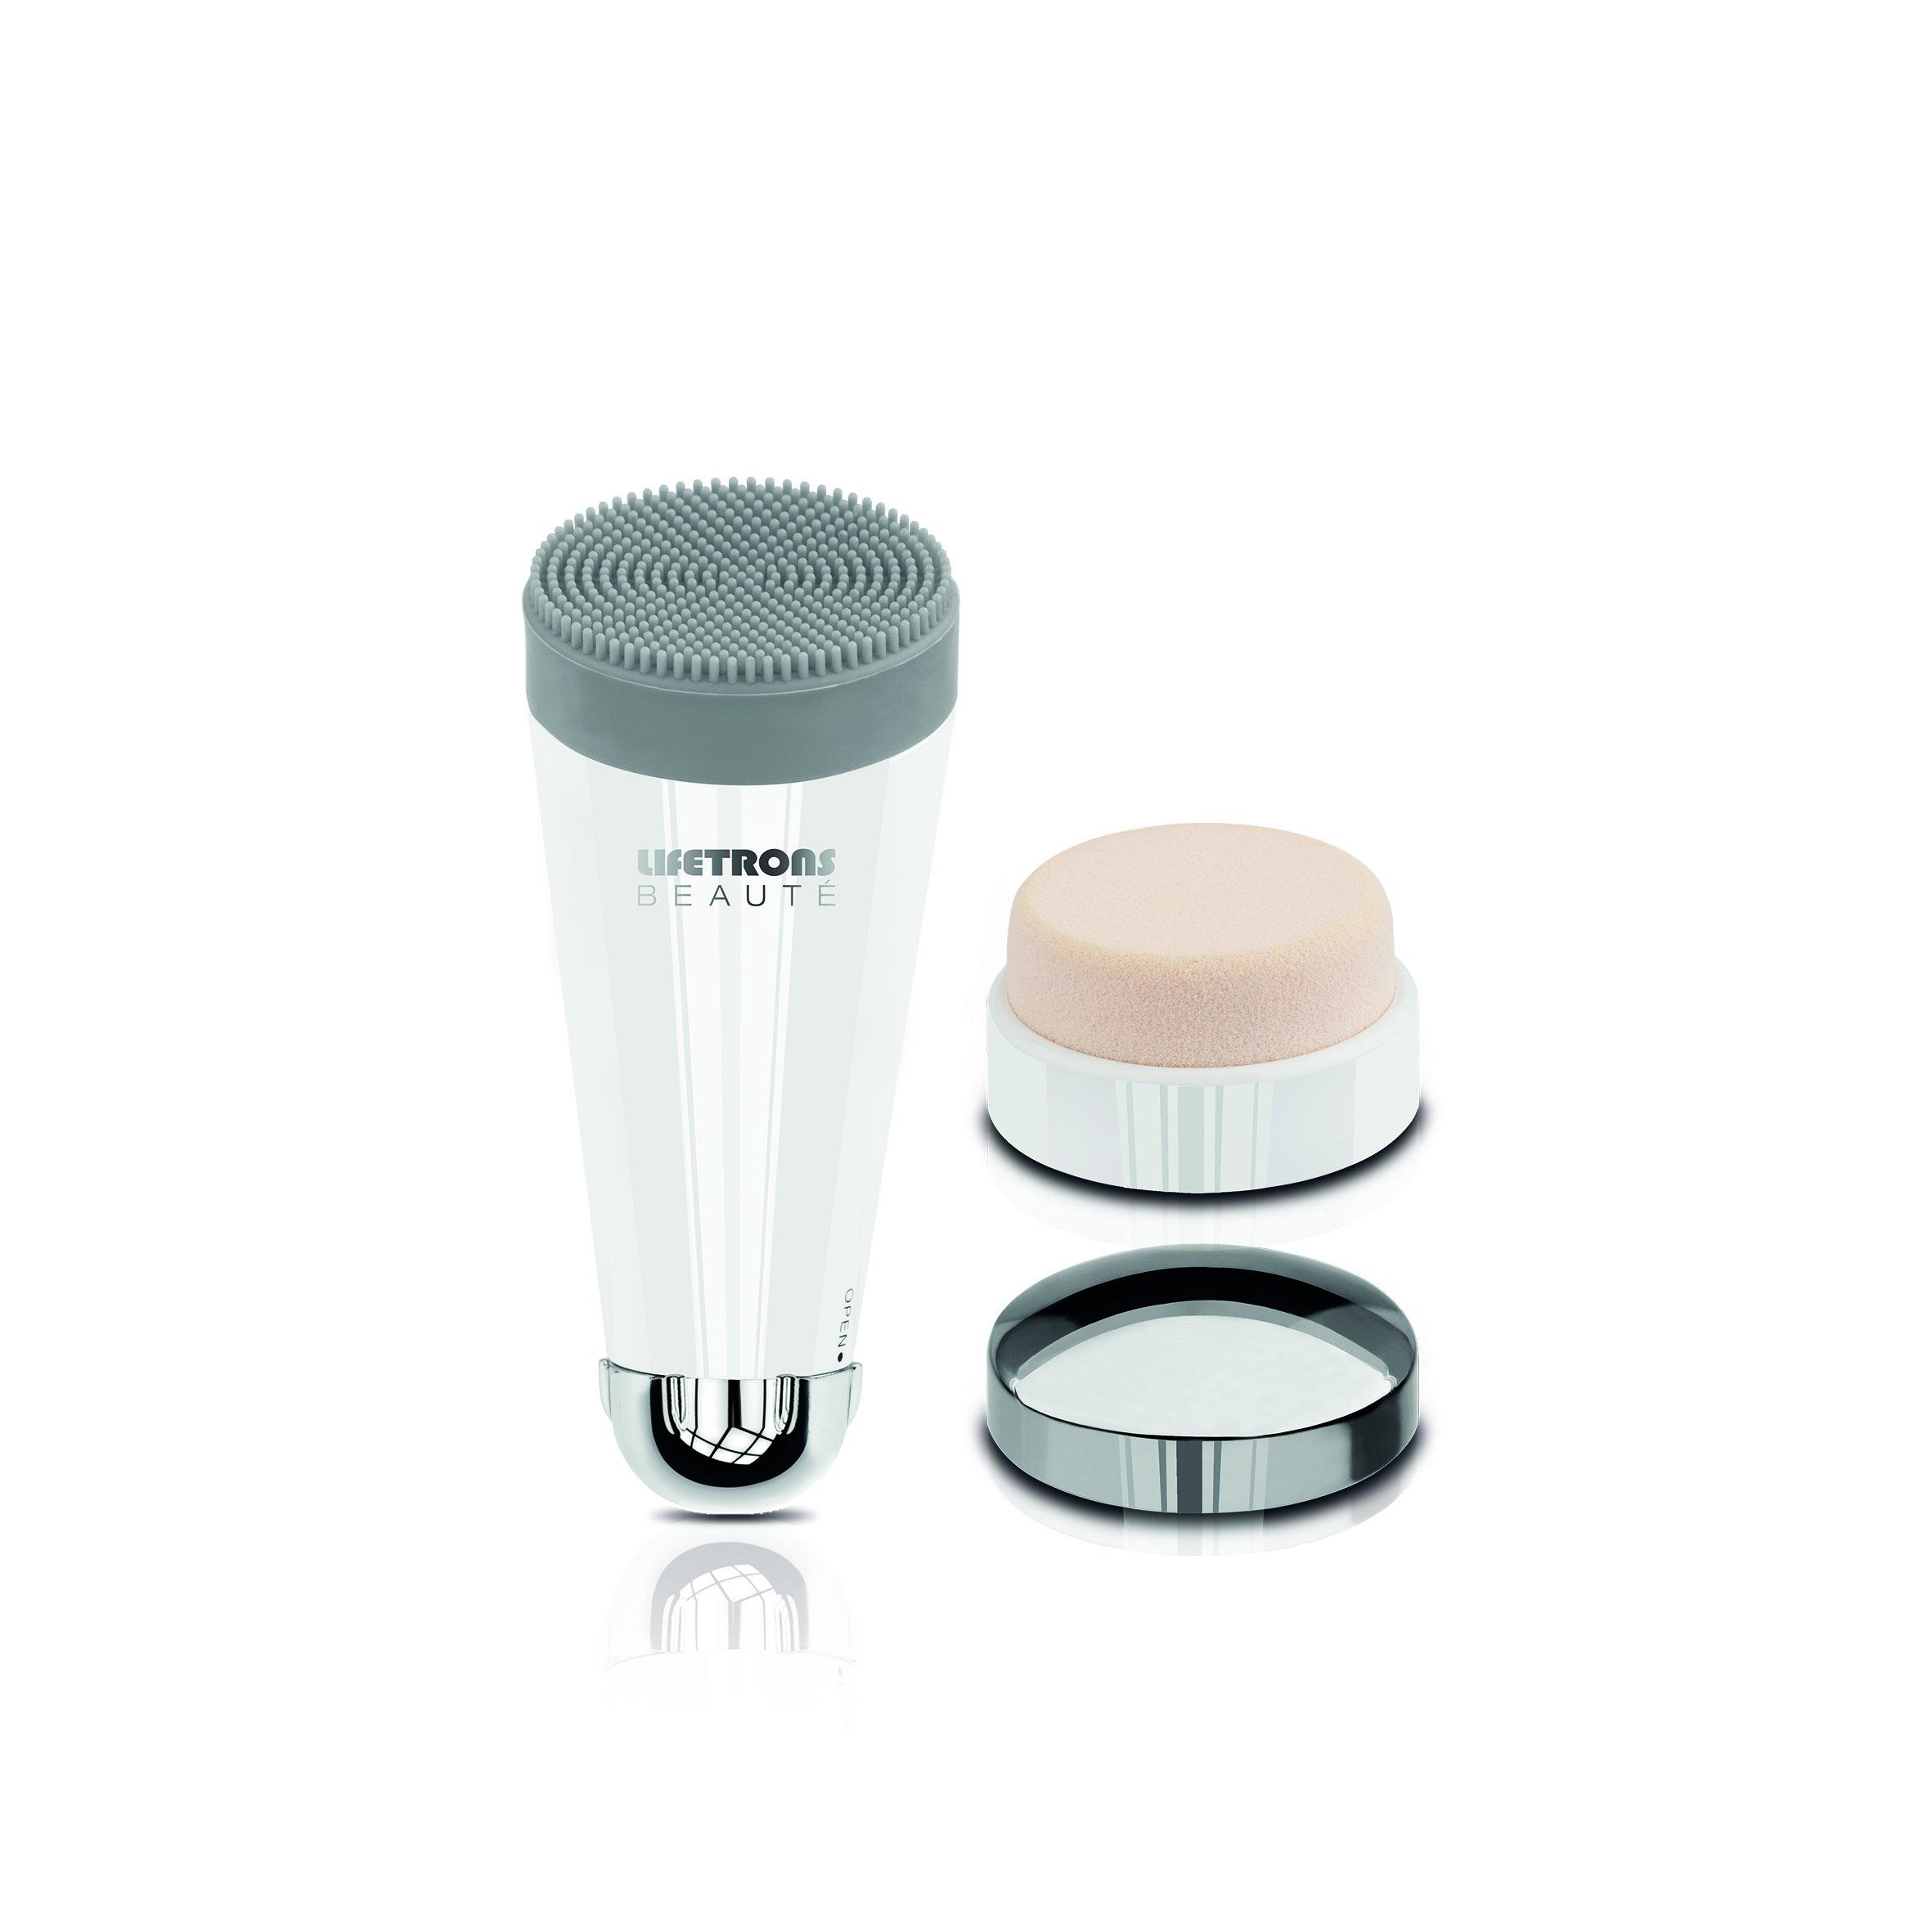 Lifetrons Beauté 3-in-1 Facial Kit - Cleanse, Massage & Apply Makeup EM-600P-WH